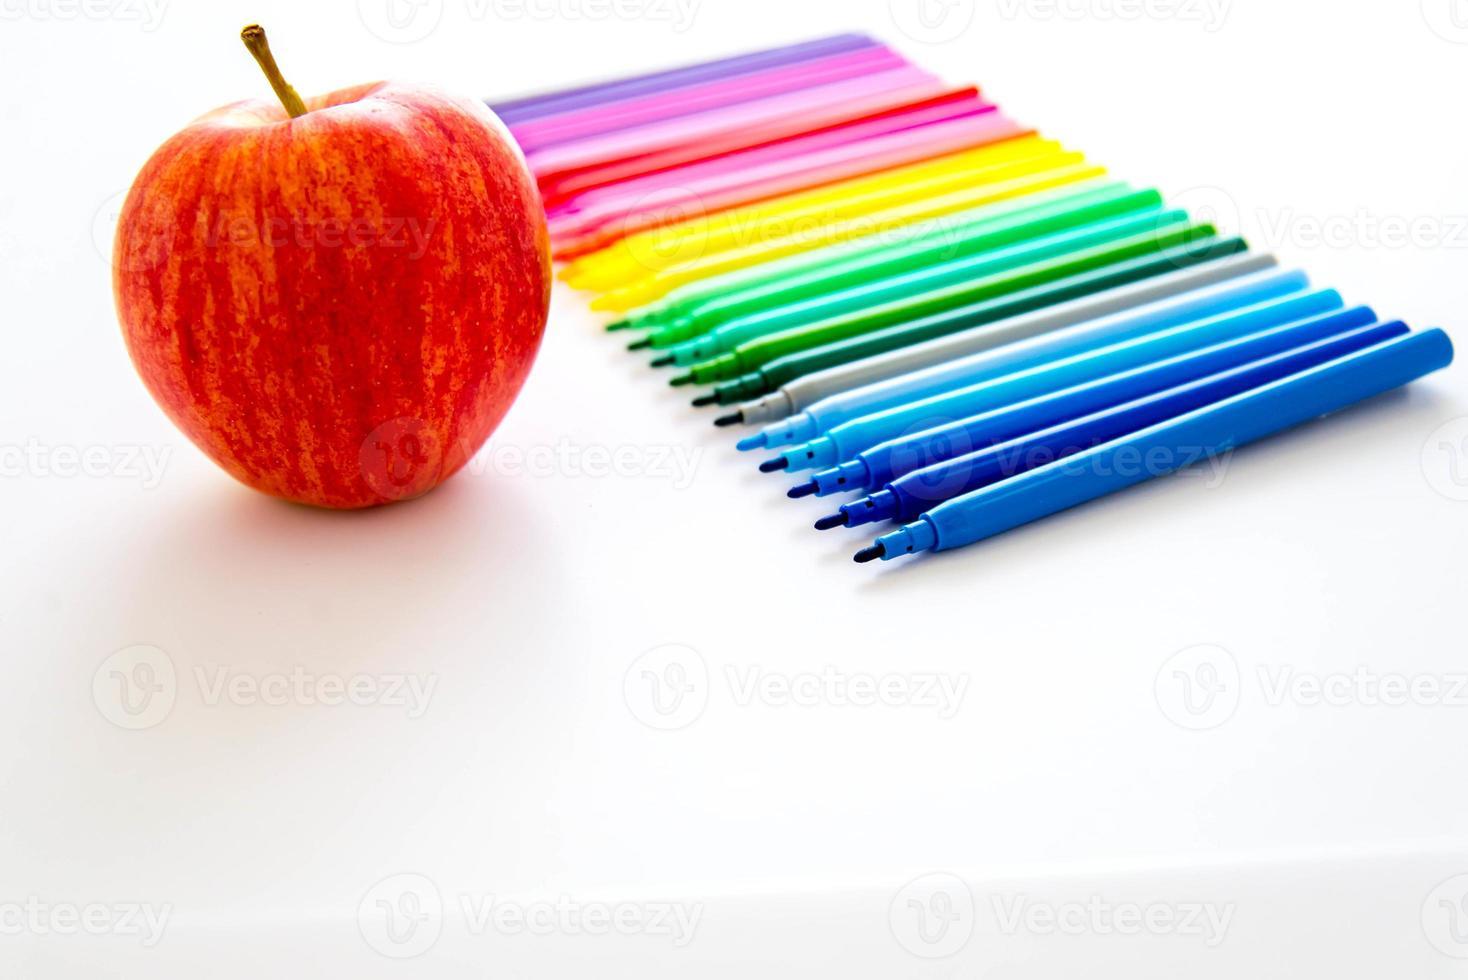 ritorno a materiale scolastico e una mela per l'insegnante foto